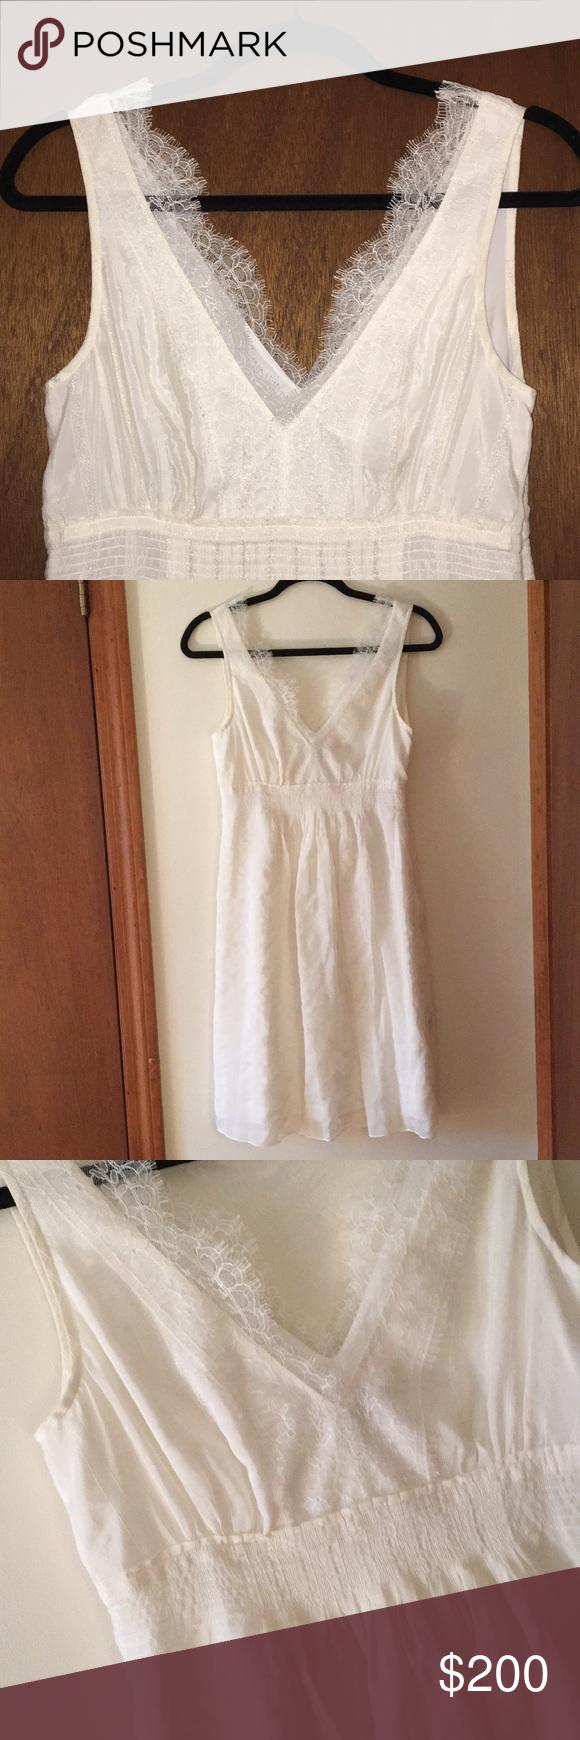 Lace dress nightwear  OffWhite Dress with Lace  My Posh Closet  Pinterest  Lace Dress